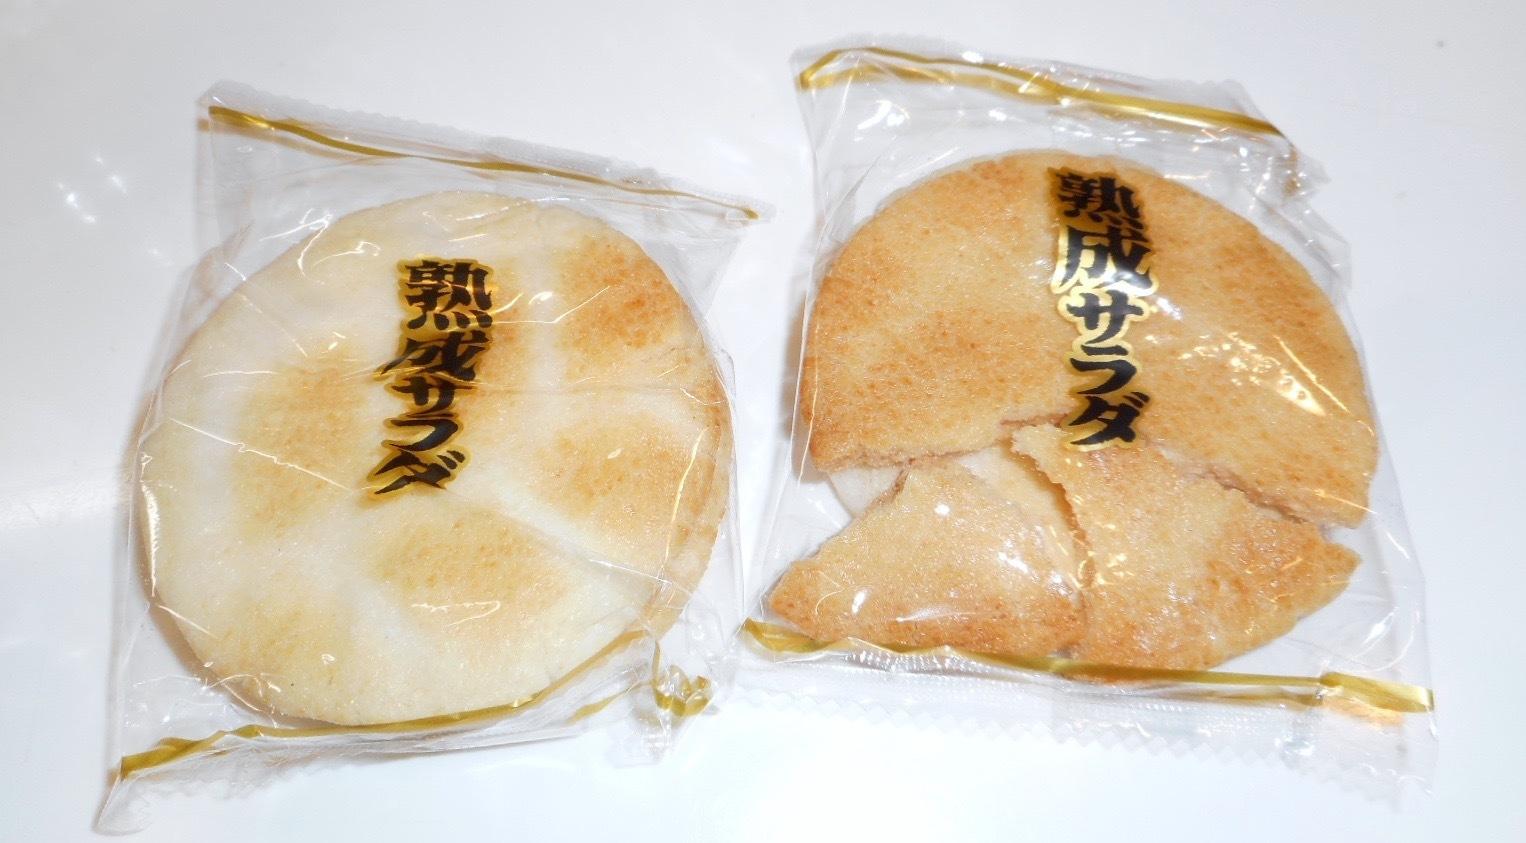 eishin_arabashiri28by10.jpg